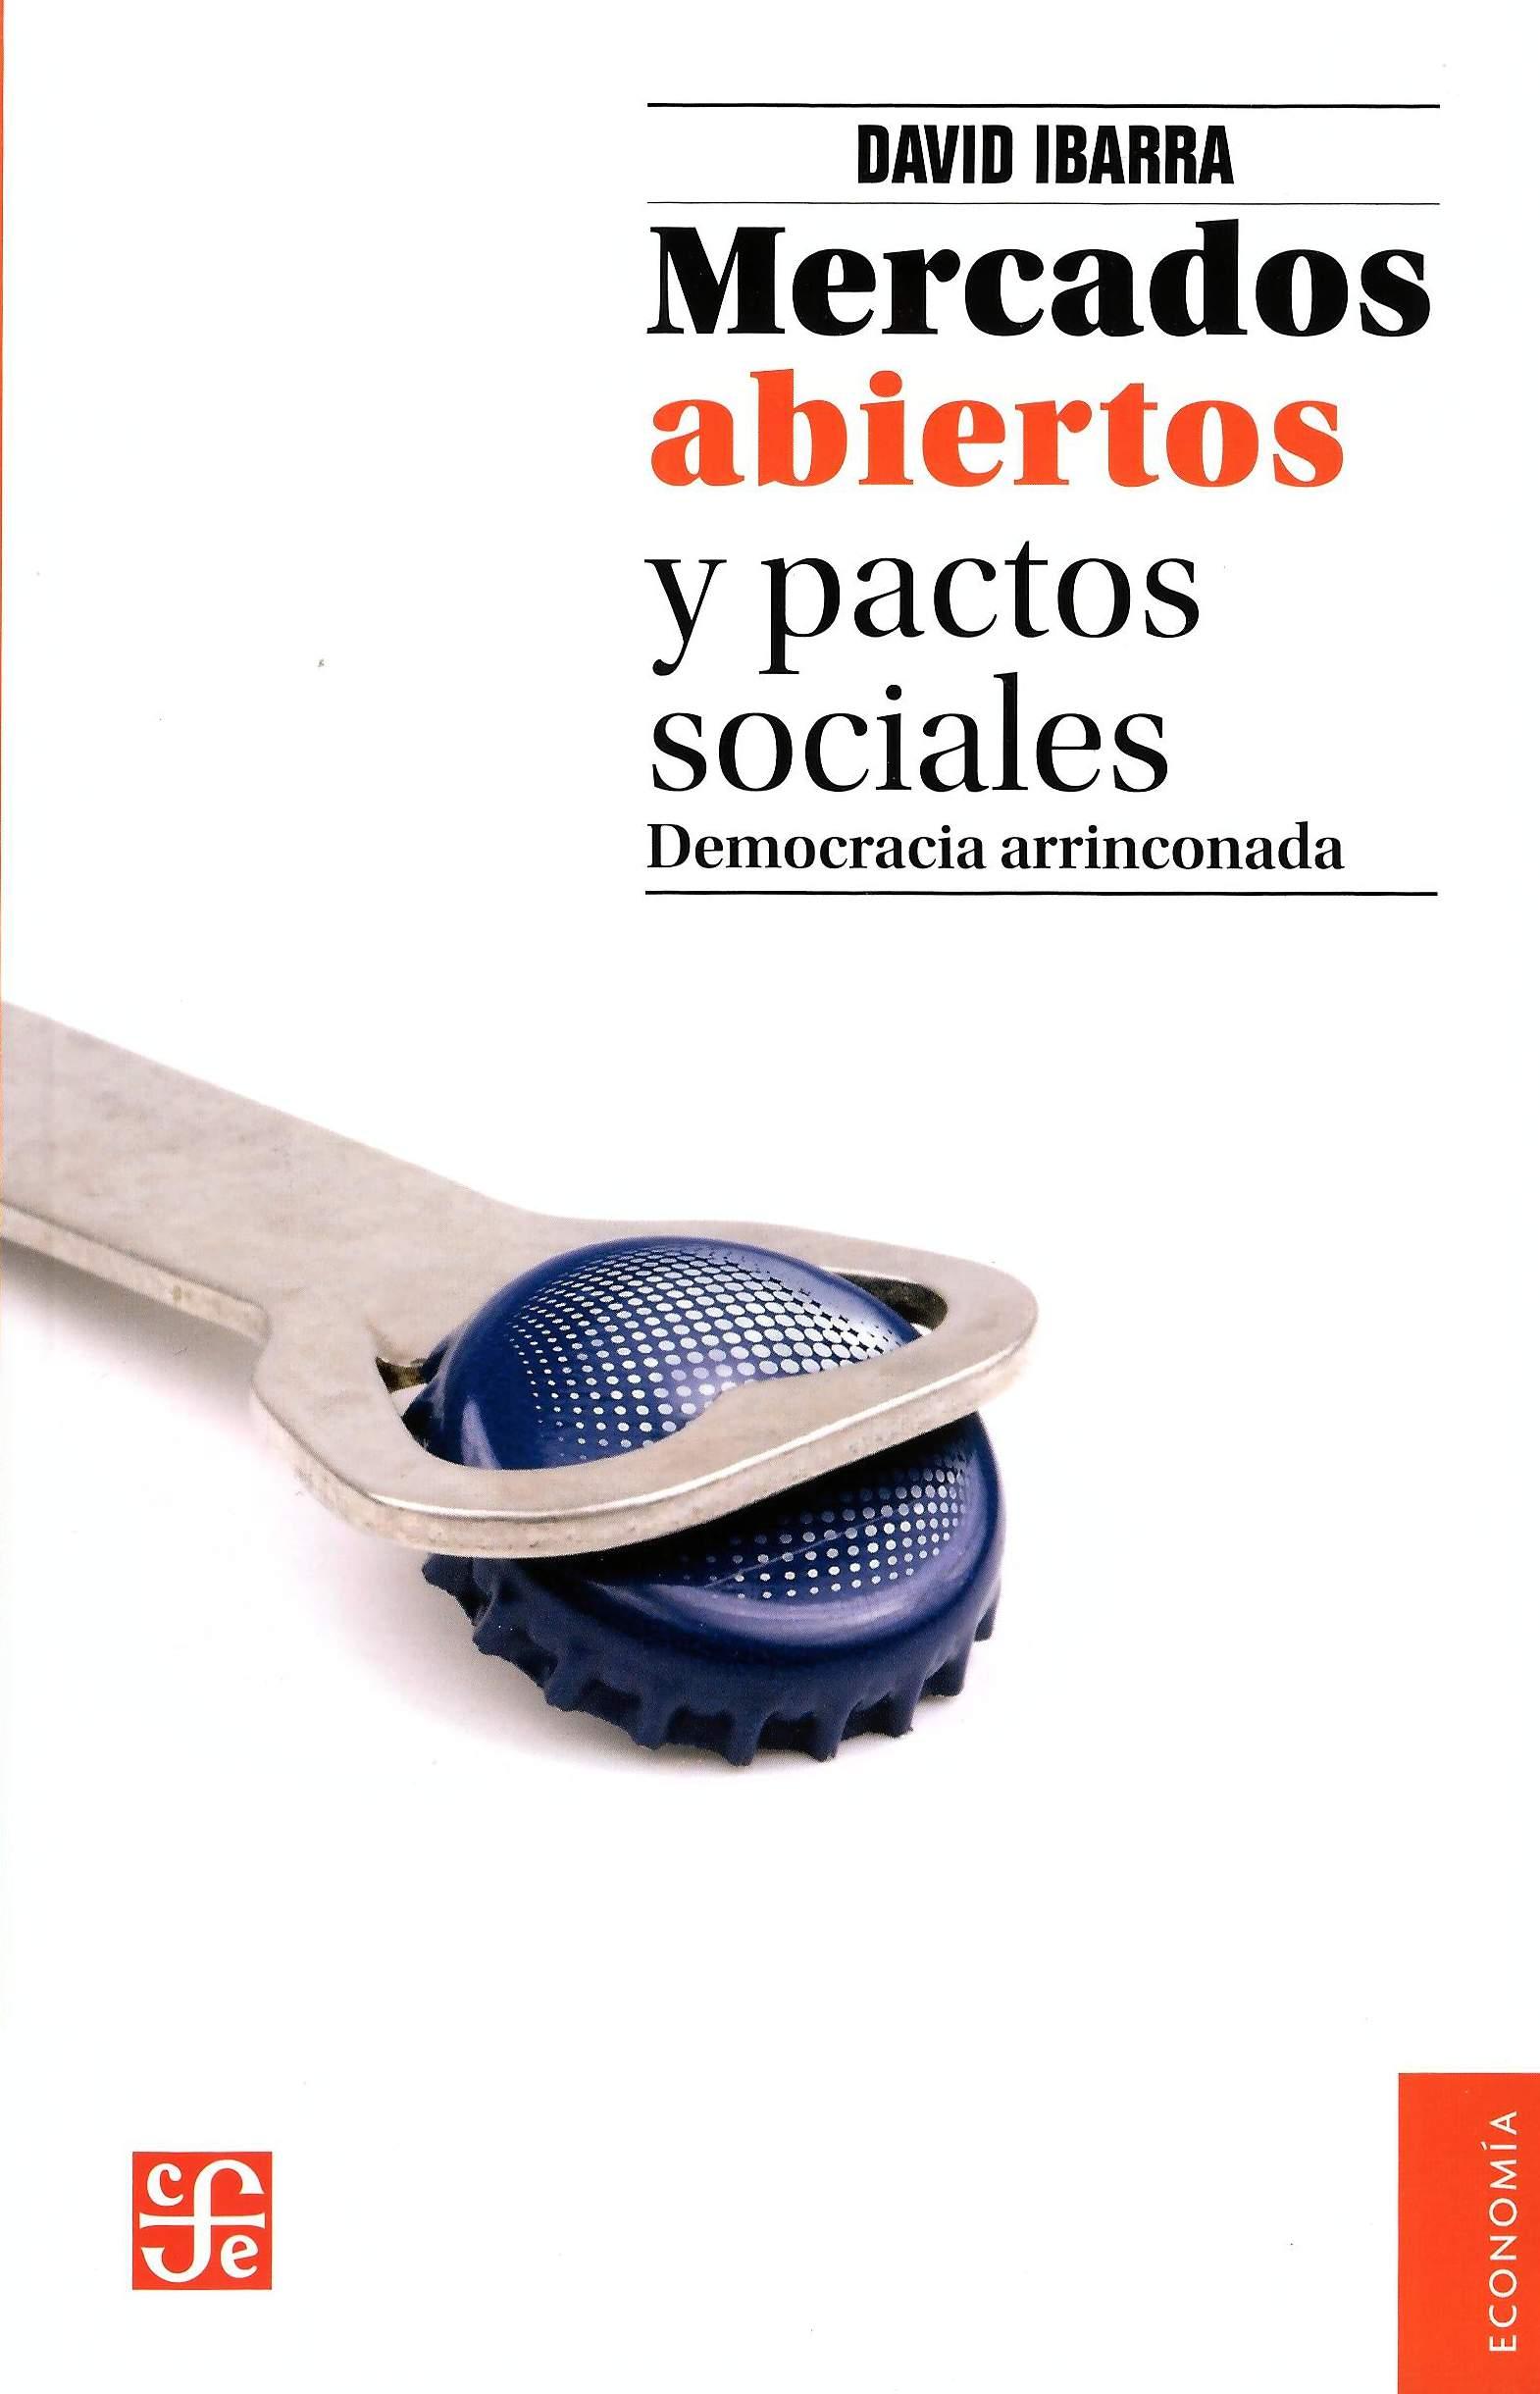 Mercados abiertos y pactos sociales. Democracia arrinconada